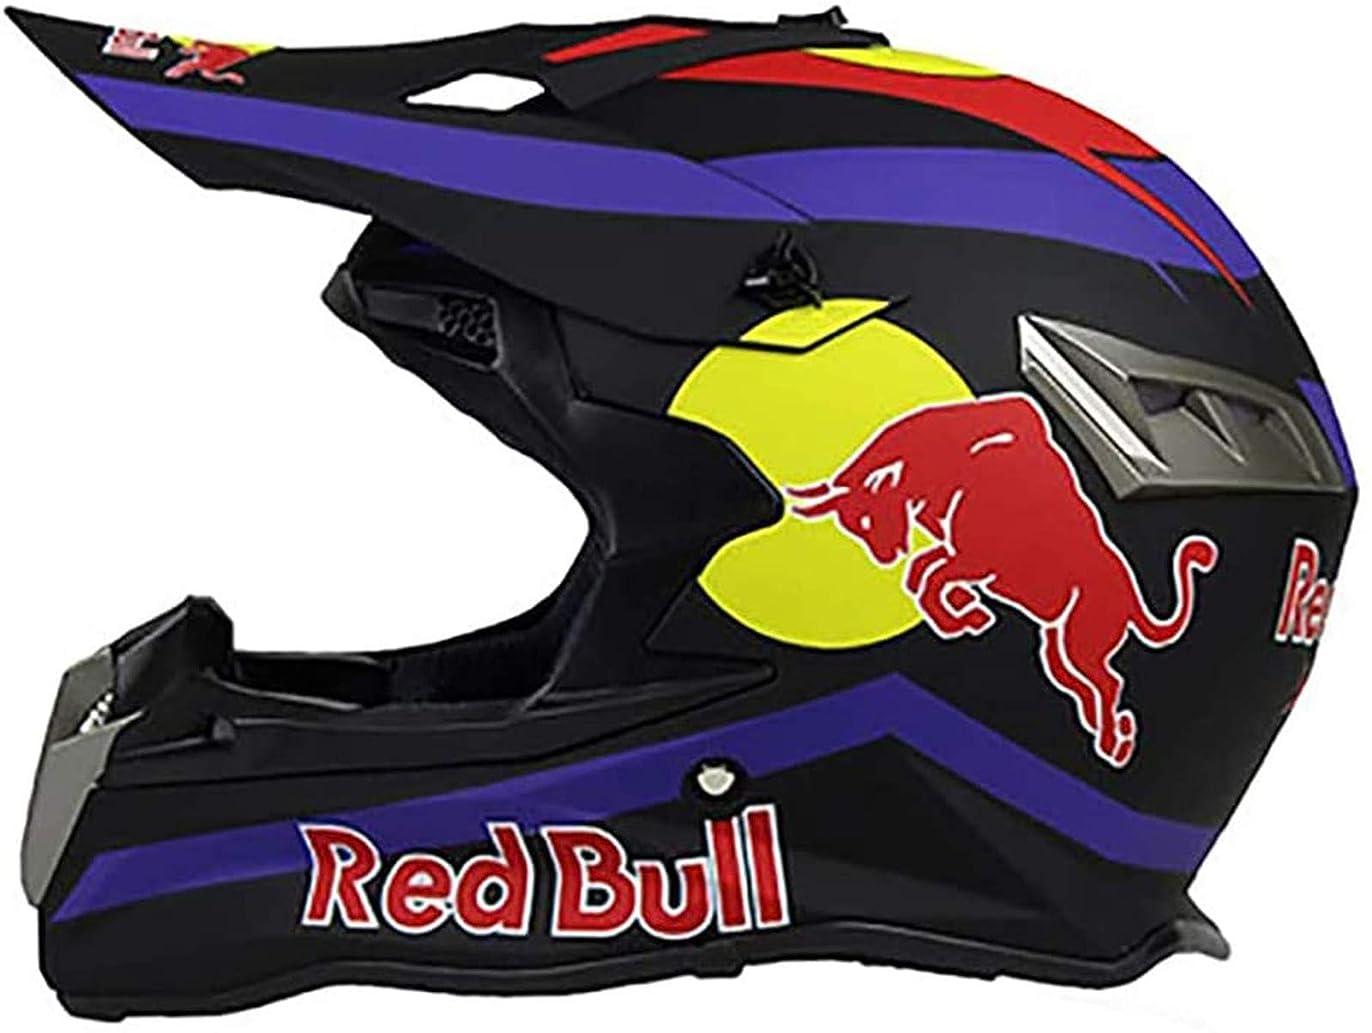 アームストロングうなずくサーキットに行くモトクロスヘルメットフルフェイスヘルメット、オートバイ/バイクヘルメットDOT/CE認定男性機関車マウンテンレーシングサイクリングダウンヒルゴーグルレッドブル A,XXL=(63~64CM)